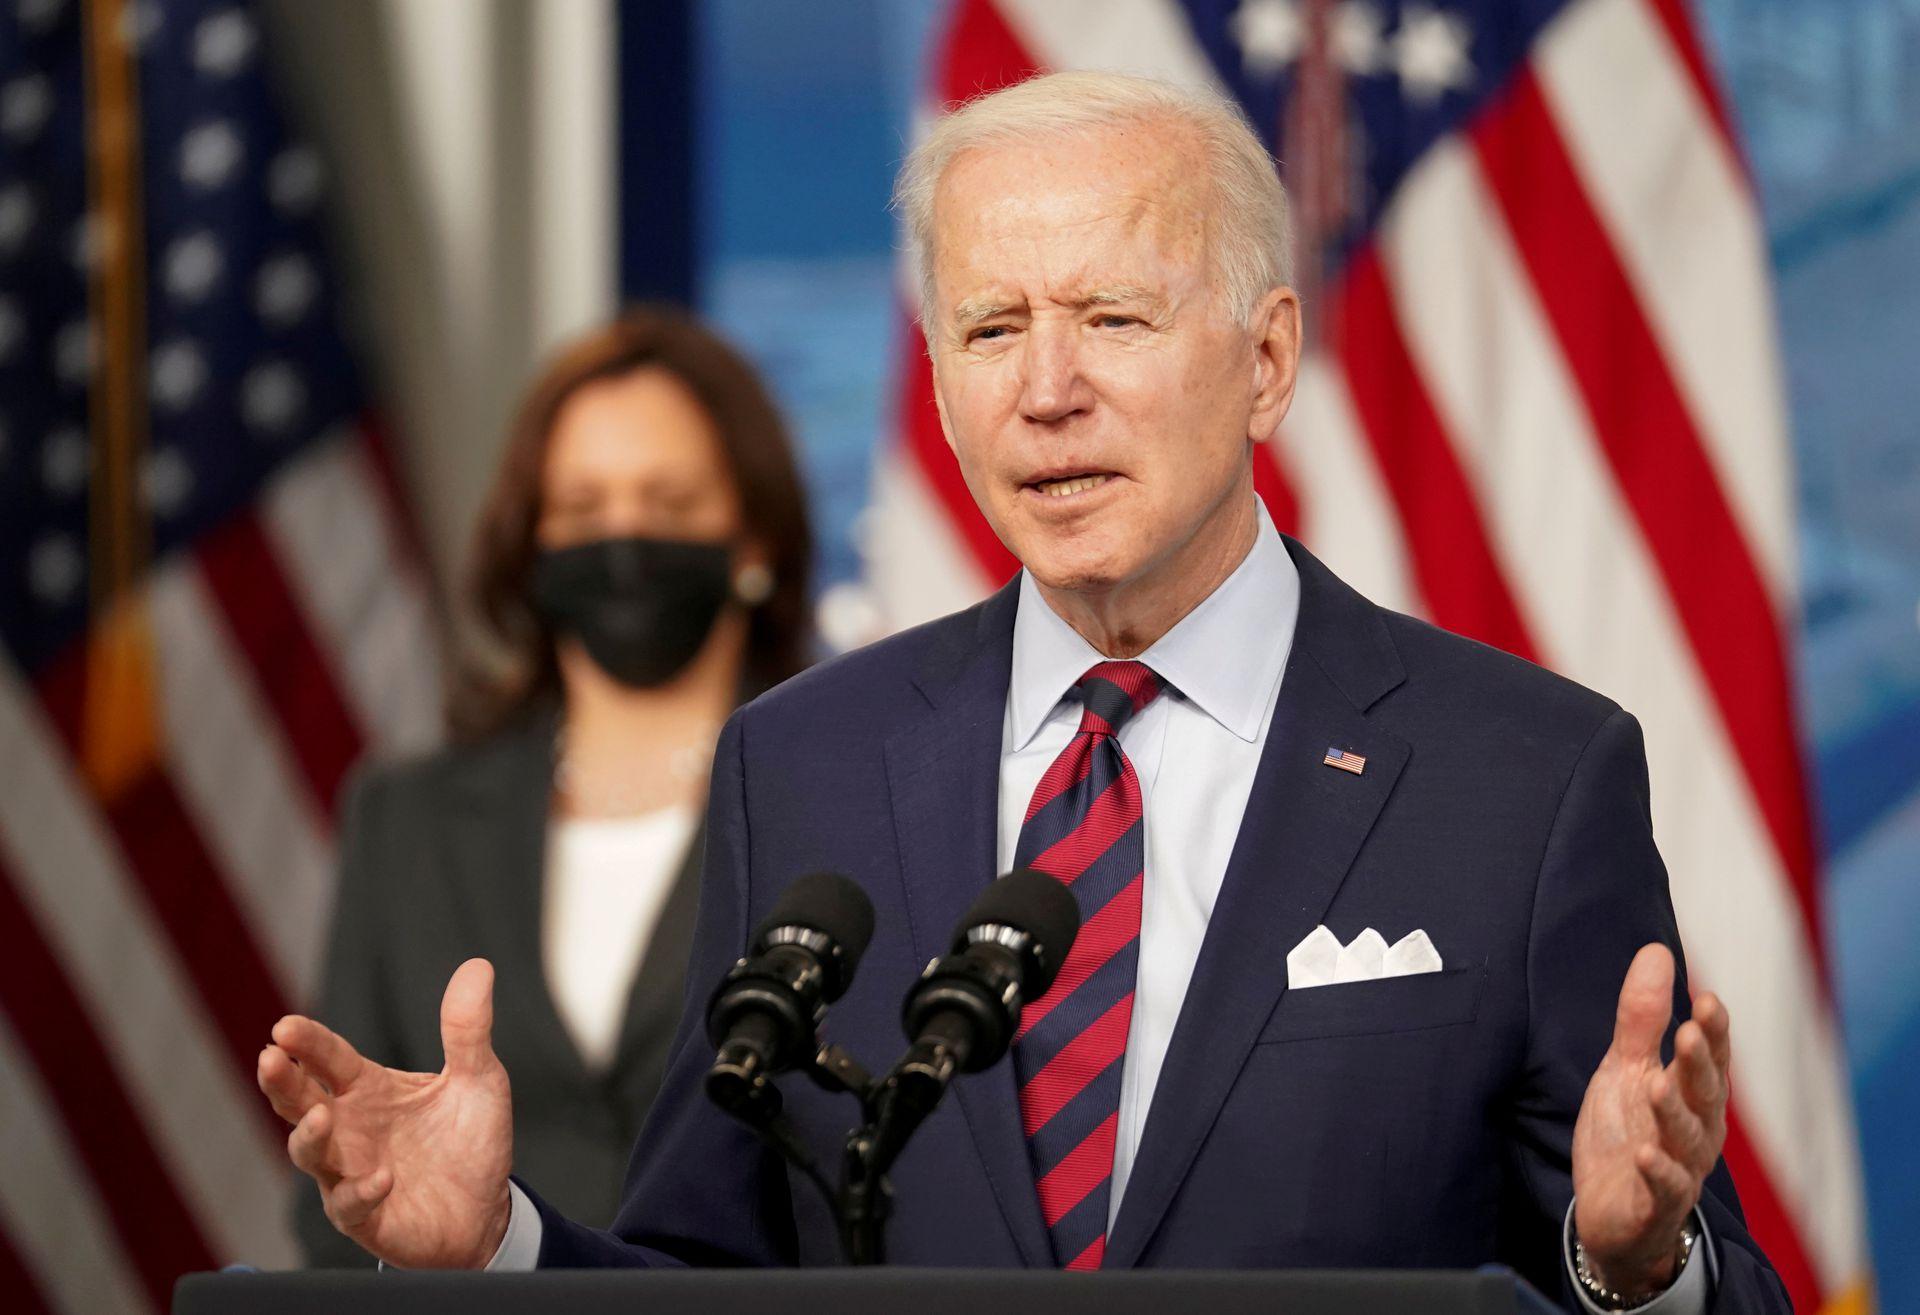 Biden Says U.S. Troops May Stay in Afghanistan Beyond August 31 Deadline